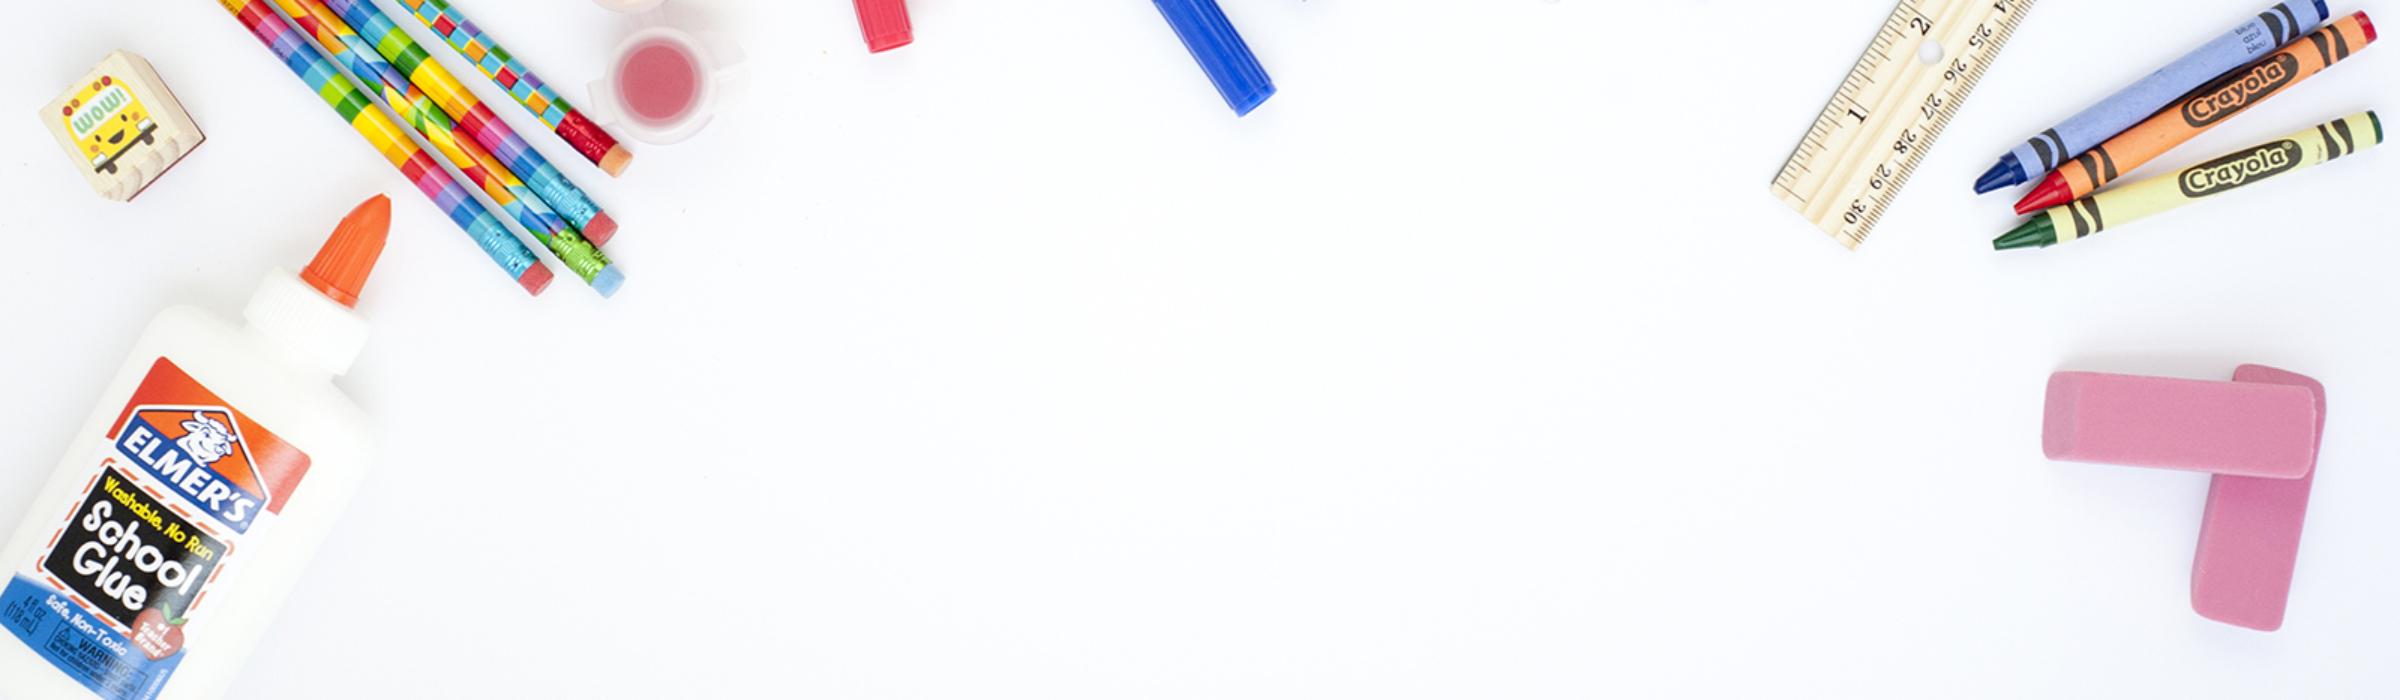 school_supplies1-2400x700_c